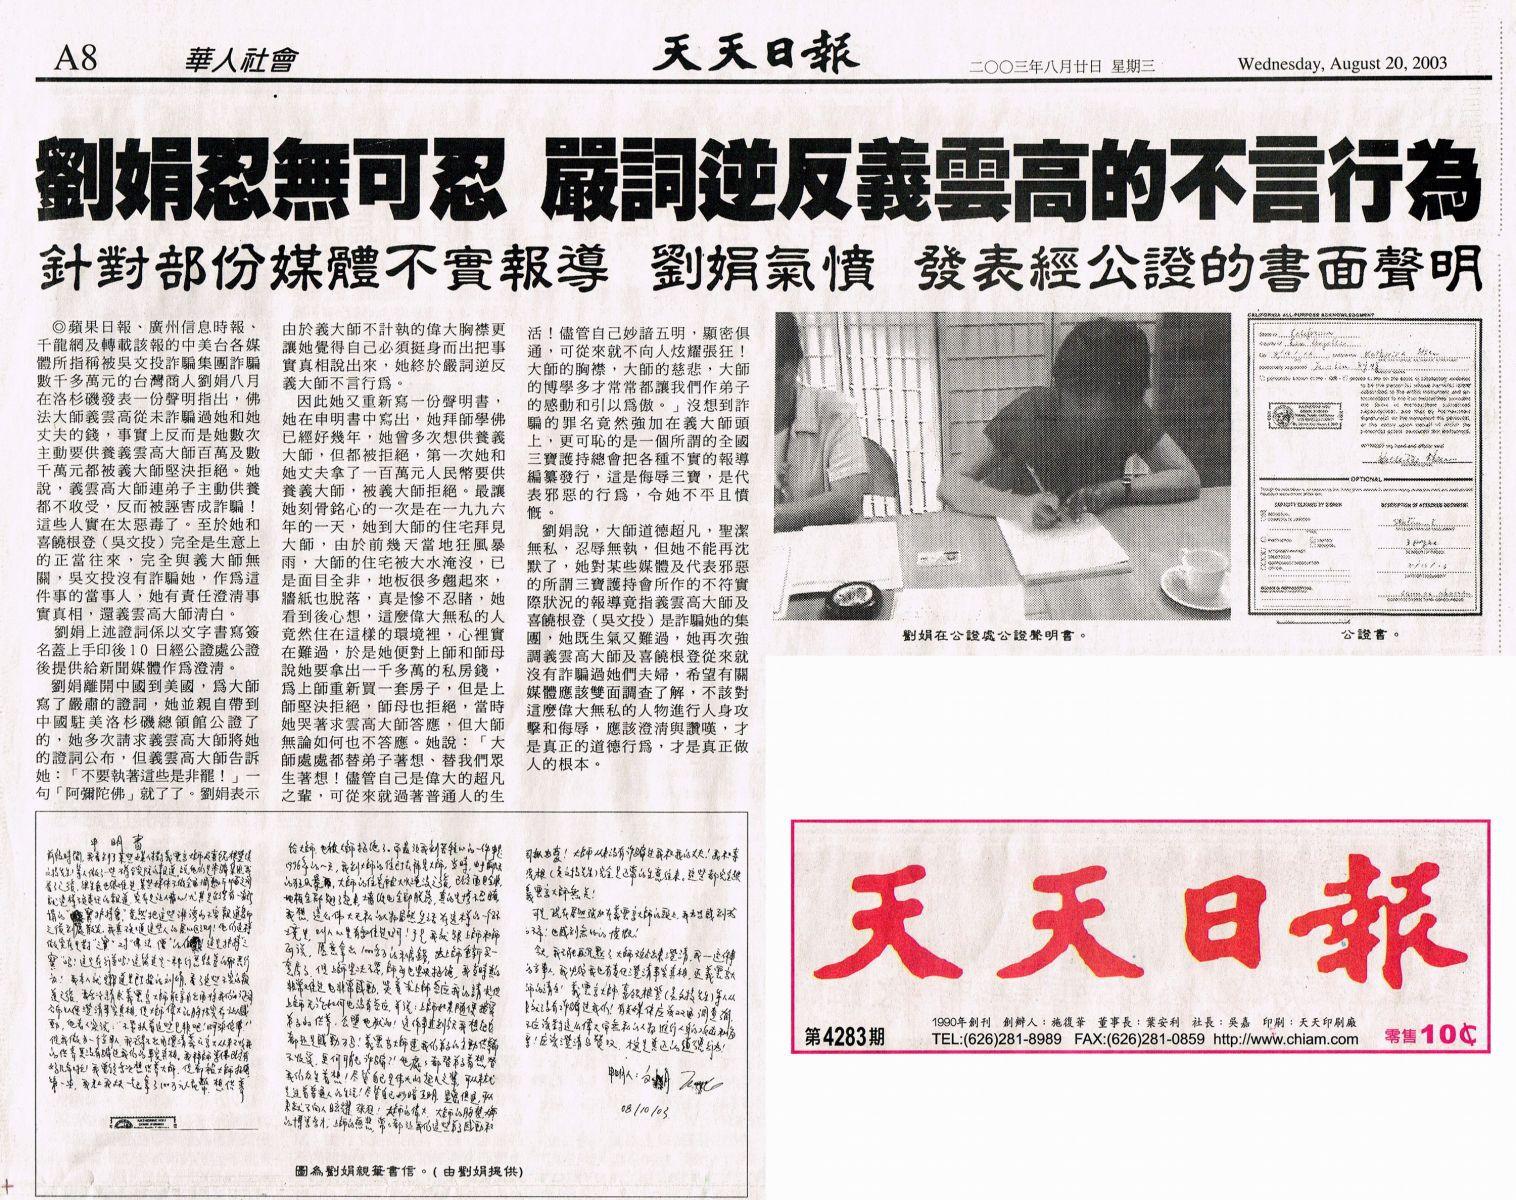 公安對第三世多杰羌佛的迫害- 劉娟女士在2003、2016年出具經中領館公證的材料,證明第三世多杰羌佛從來沒有騙過她